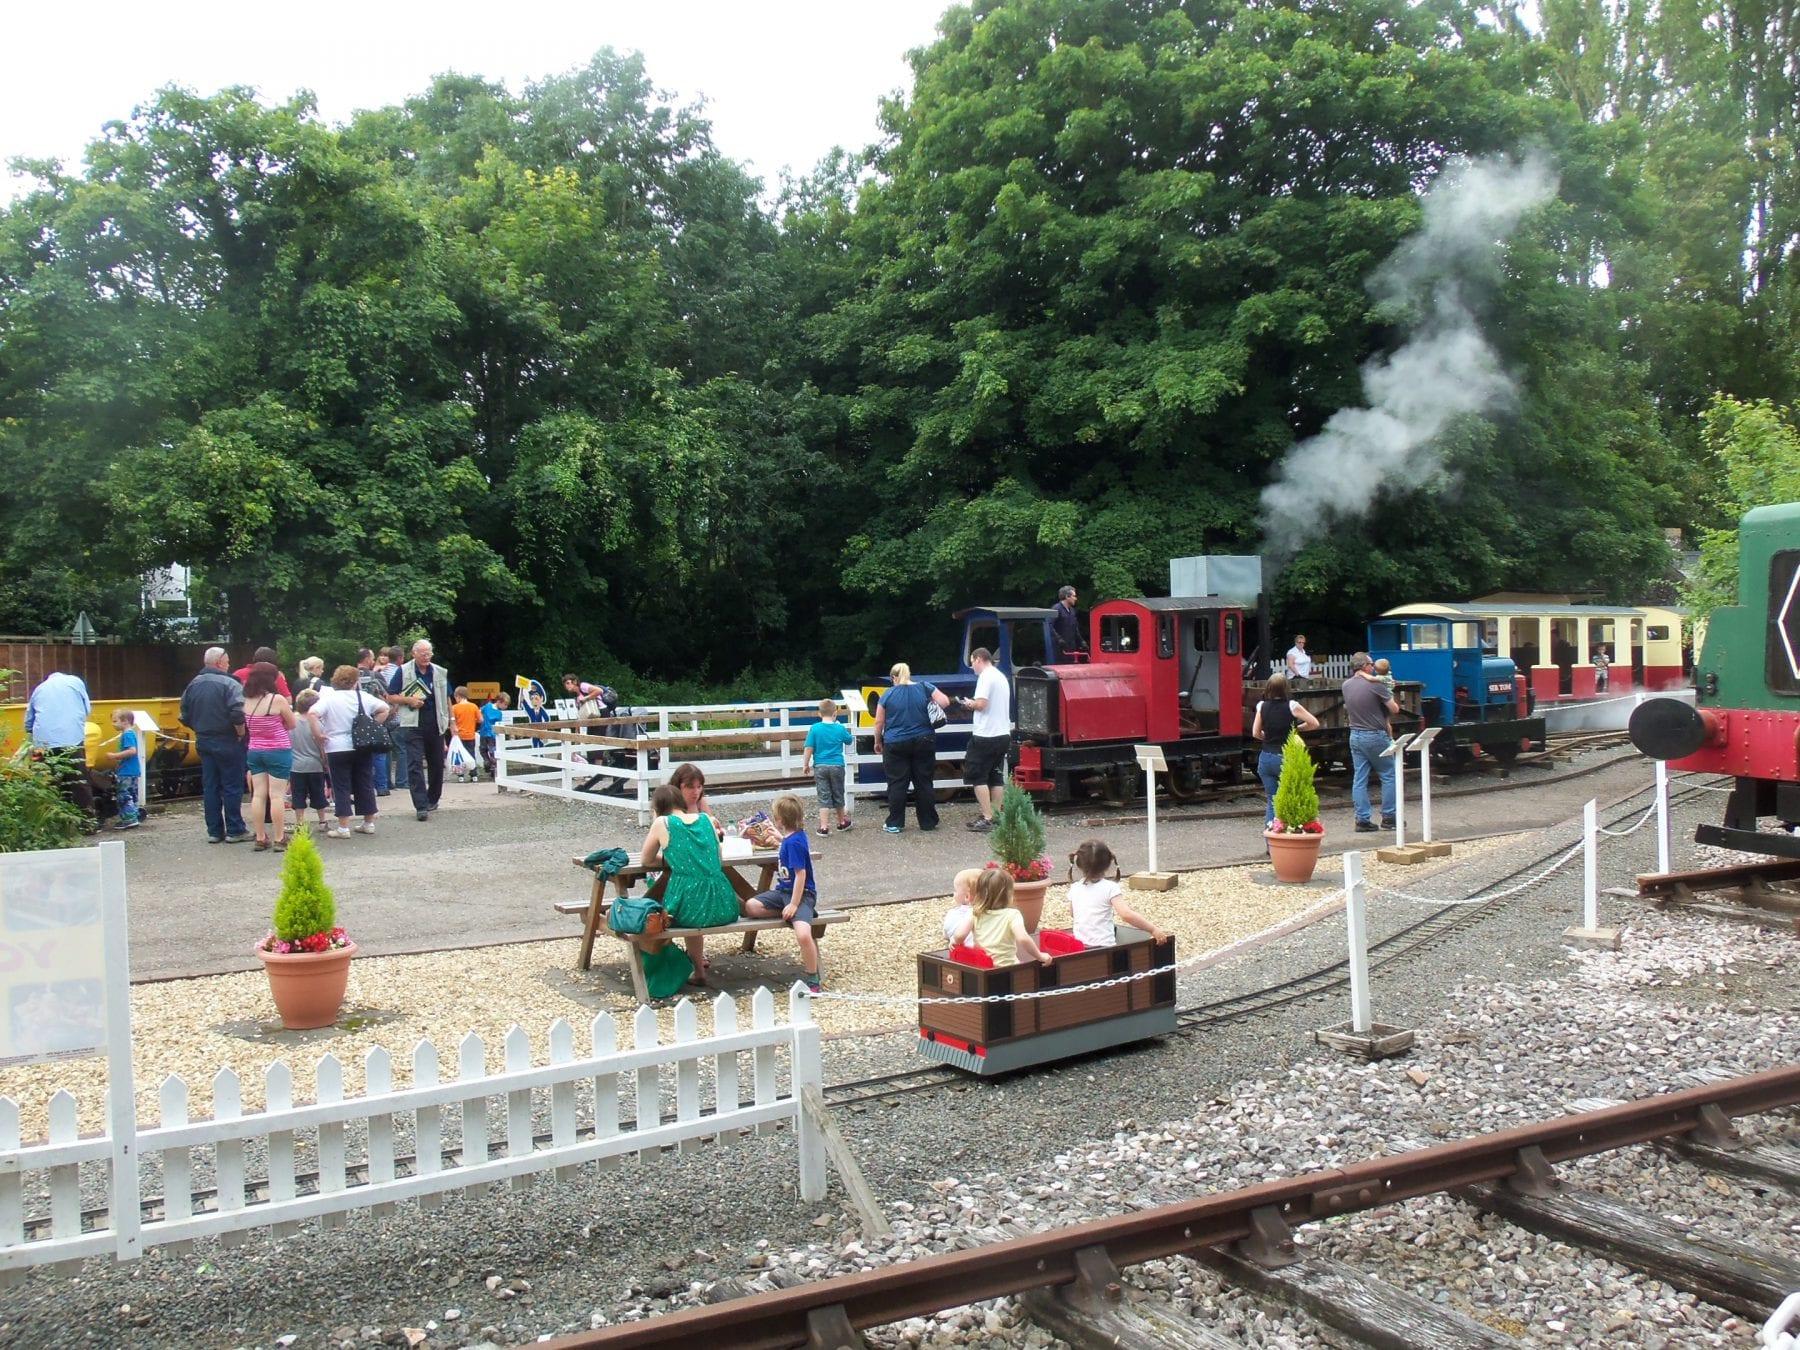 Railways Devon